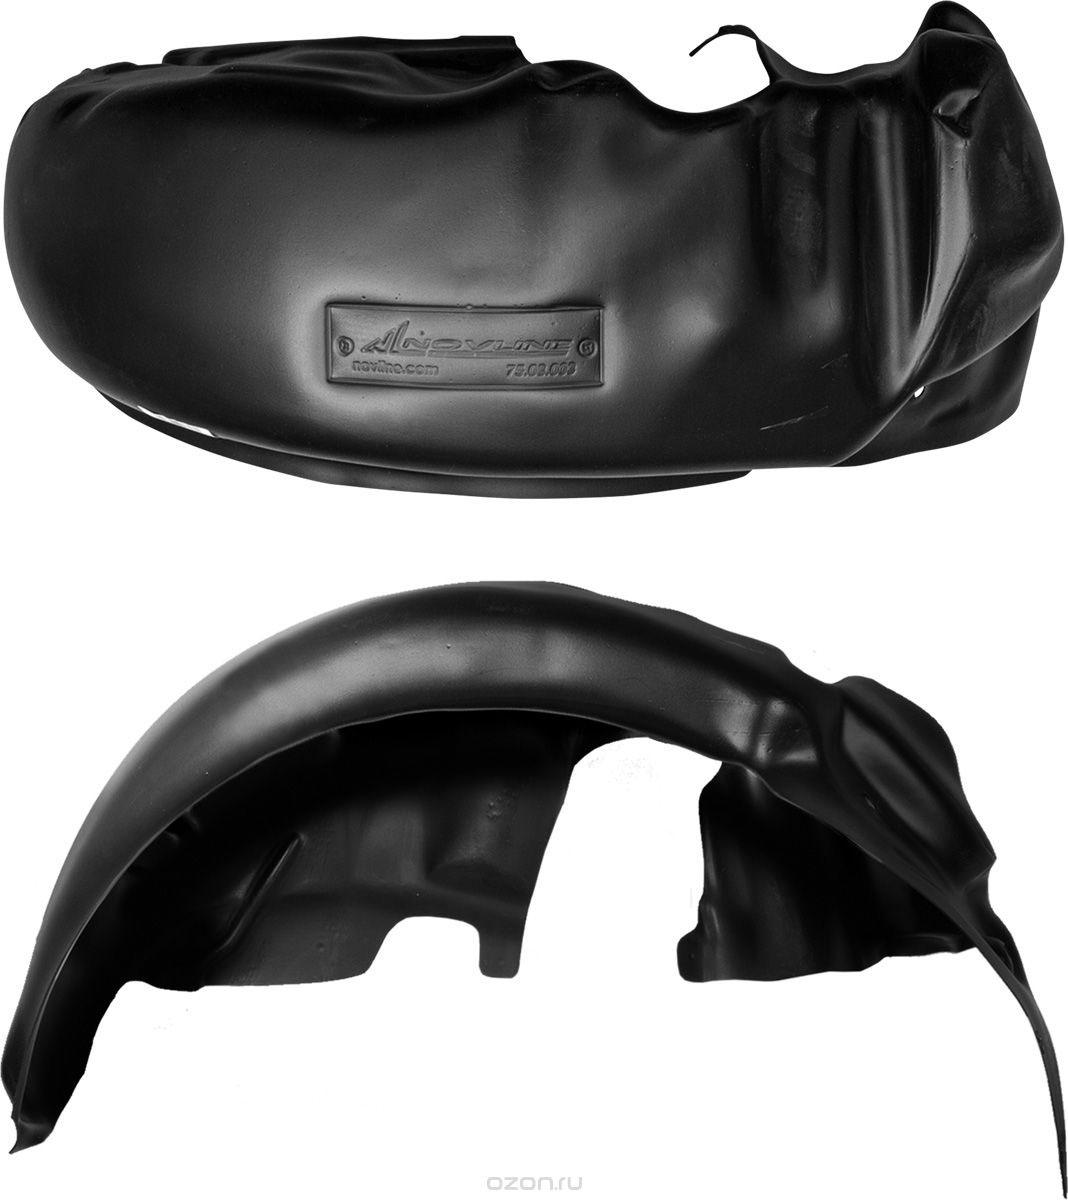 Подкрылок Novline-Autofamily, для Kia Soul, 2014->, задний левыйNLL.25.41.003Идеальная защита колесной ниши. Локеры разработаны с применением цифровых технологий, гарантируют максимальную повторяемость поверхности арки. Изделия устанавливаются без нарушения лакокрасочного покрытия автомобиля, каждый подкрылок комплектуется крепежом. Уважаемые клиенты, обращаем ваше внимание, что фотографии на подкрылки универсальные и не отражают реальную форму изделия. При этом само изделие идет точно под размер указанного автомобиля.